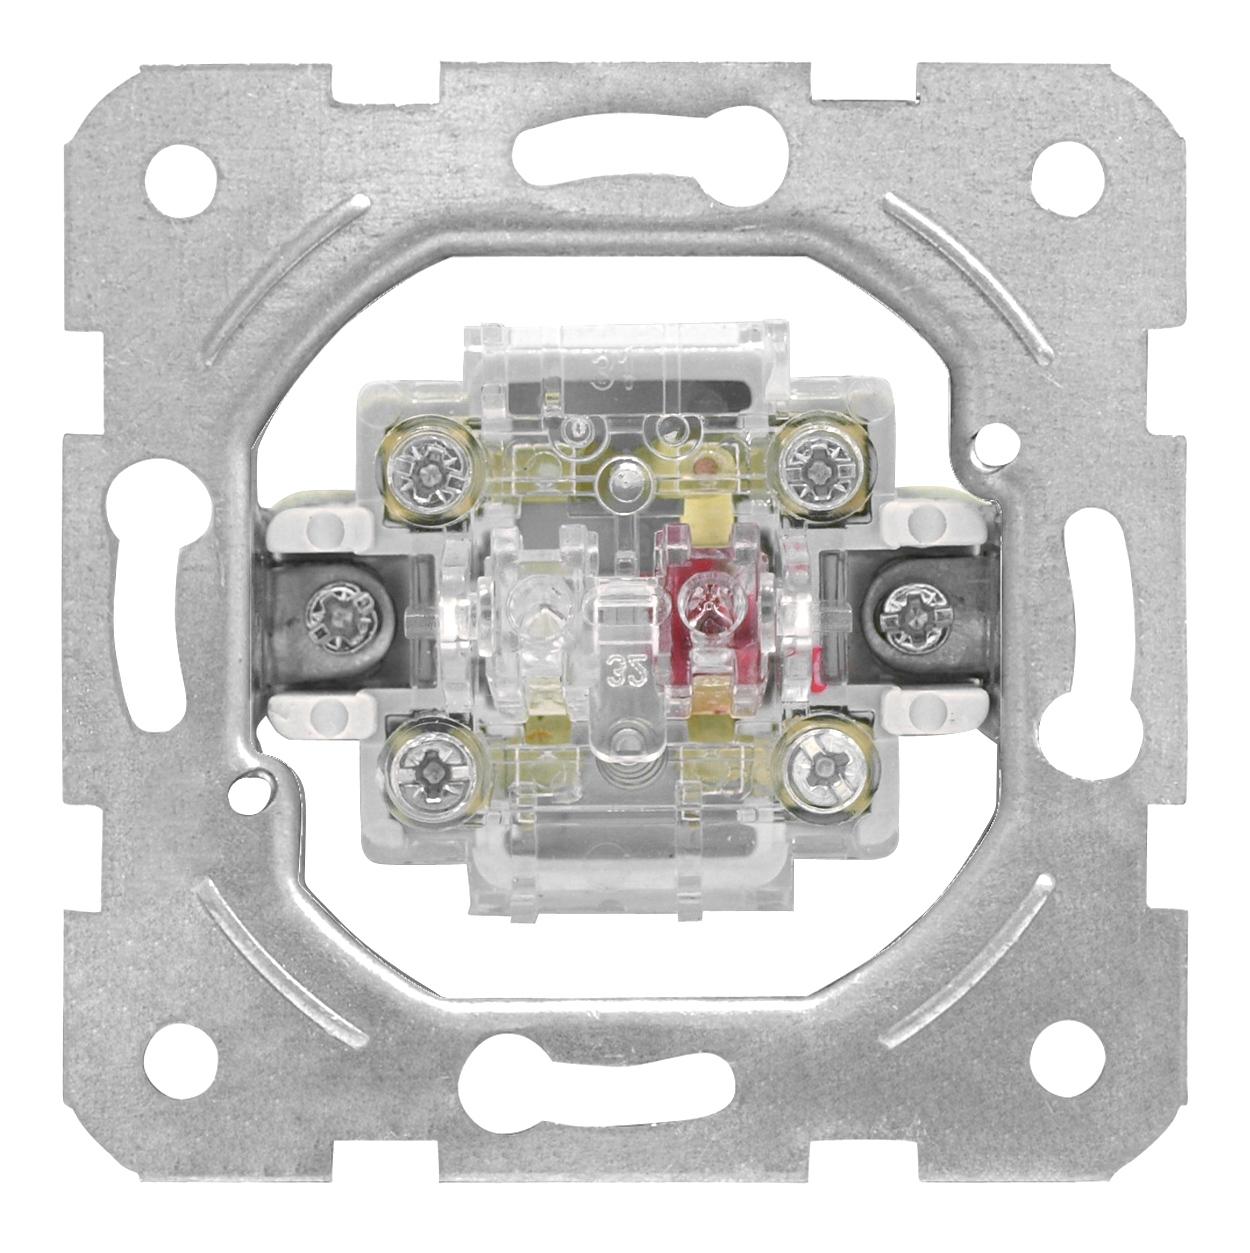 1 Stk Taster-Einsatz, Wechsler, Schraubklemmen EV100022--